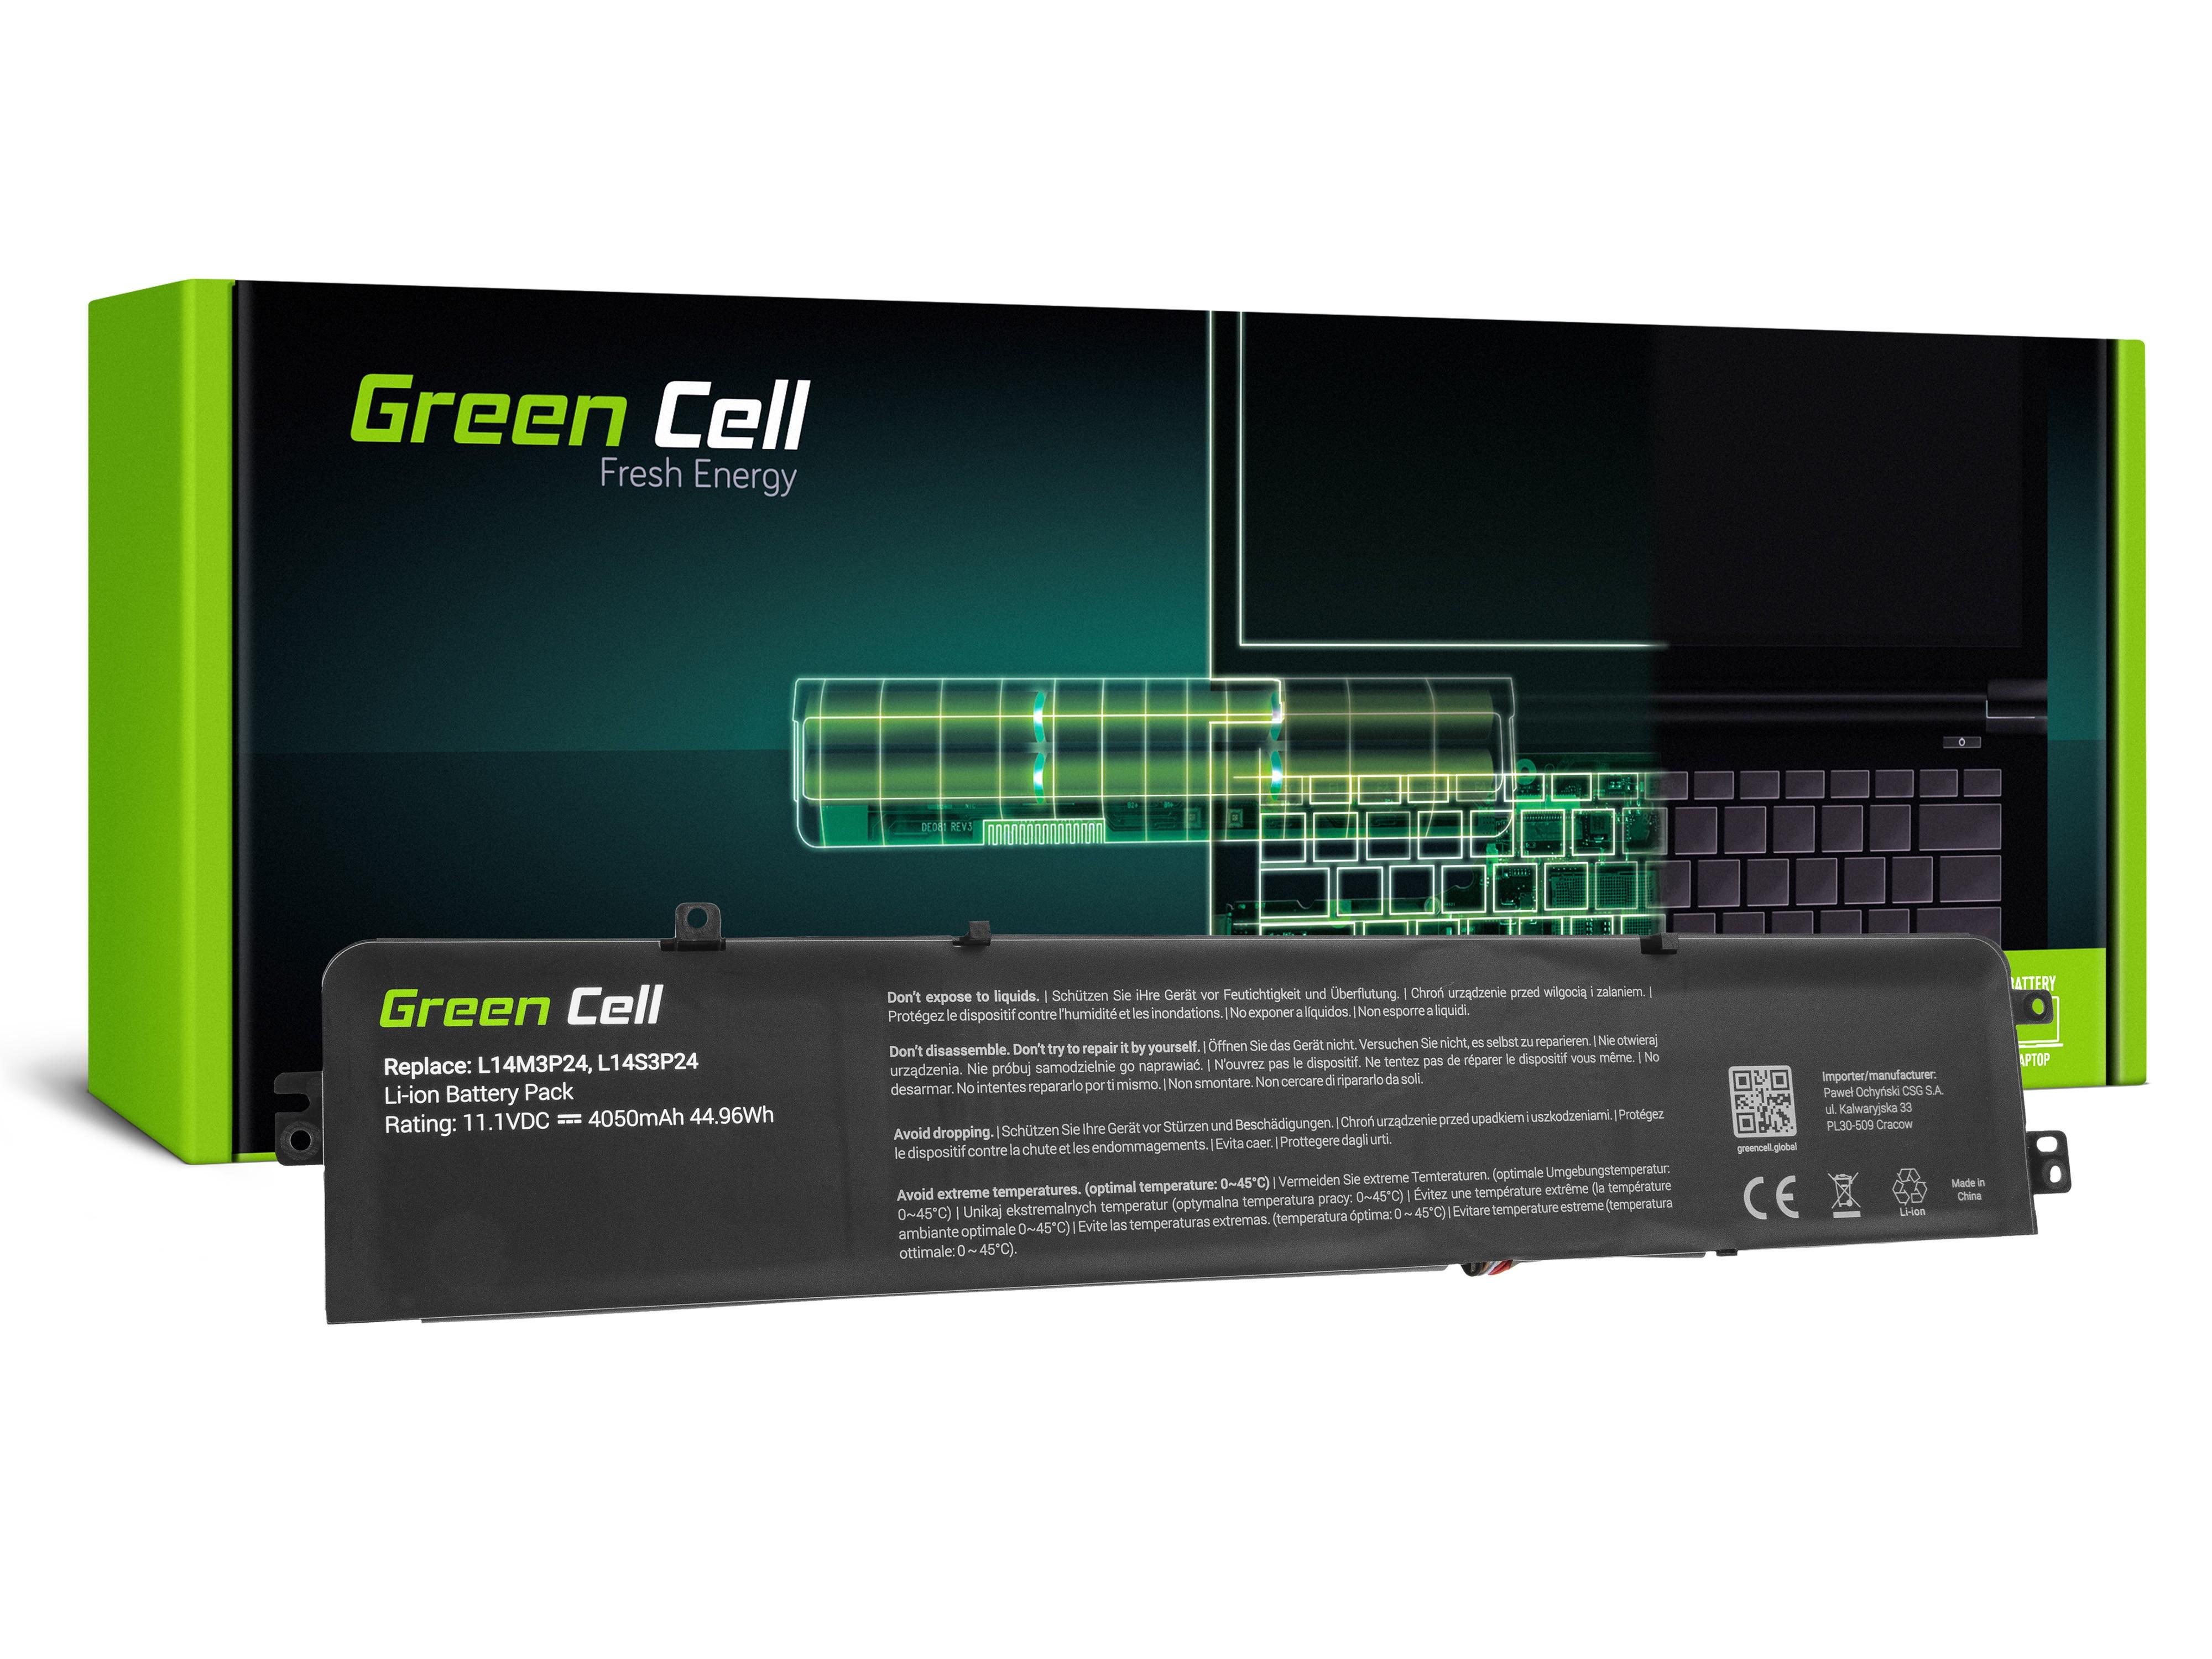 Batteri för Lenovo IdeaPad 700-15ISK 700-17ISK Y700-14ISK / 11,1V 4050mAh